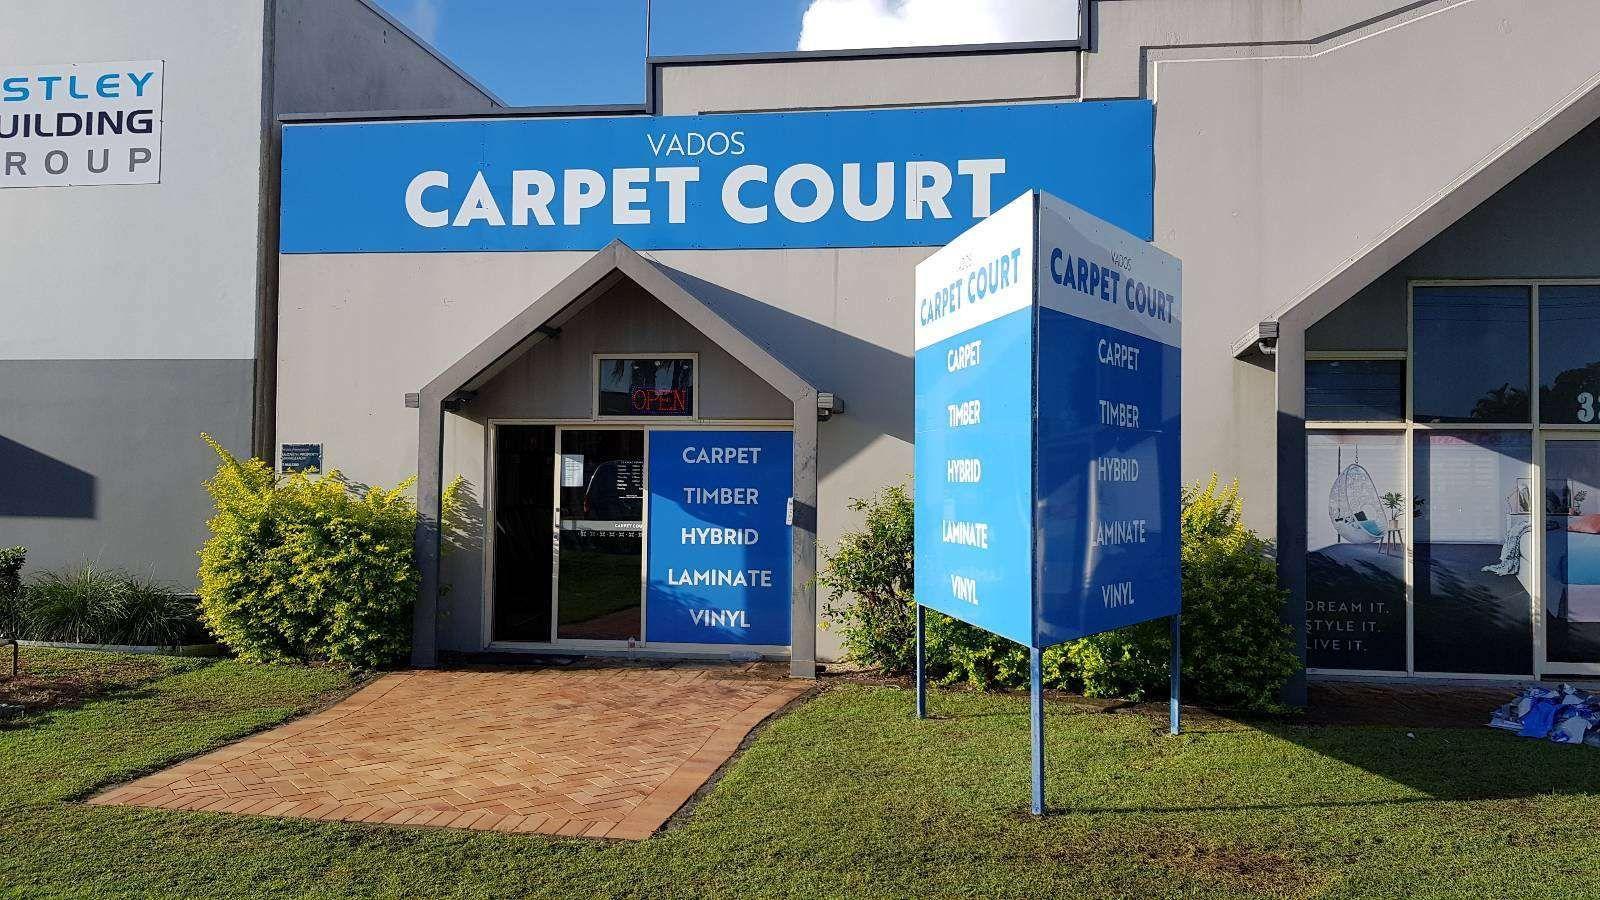 Vado's Carpet Court